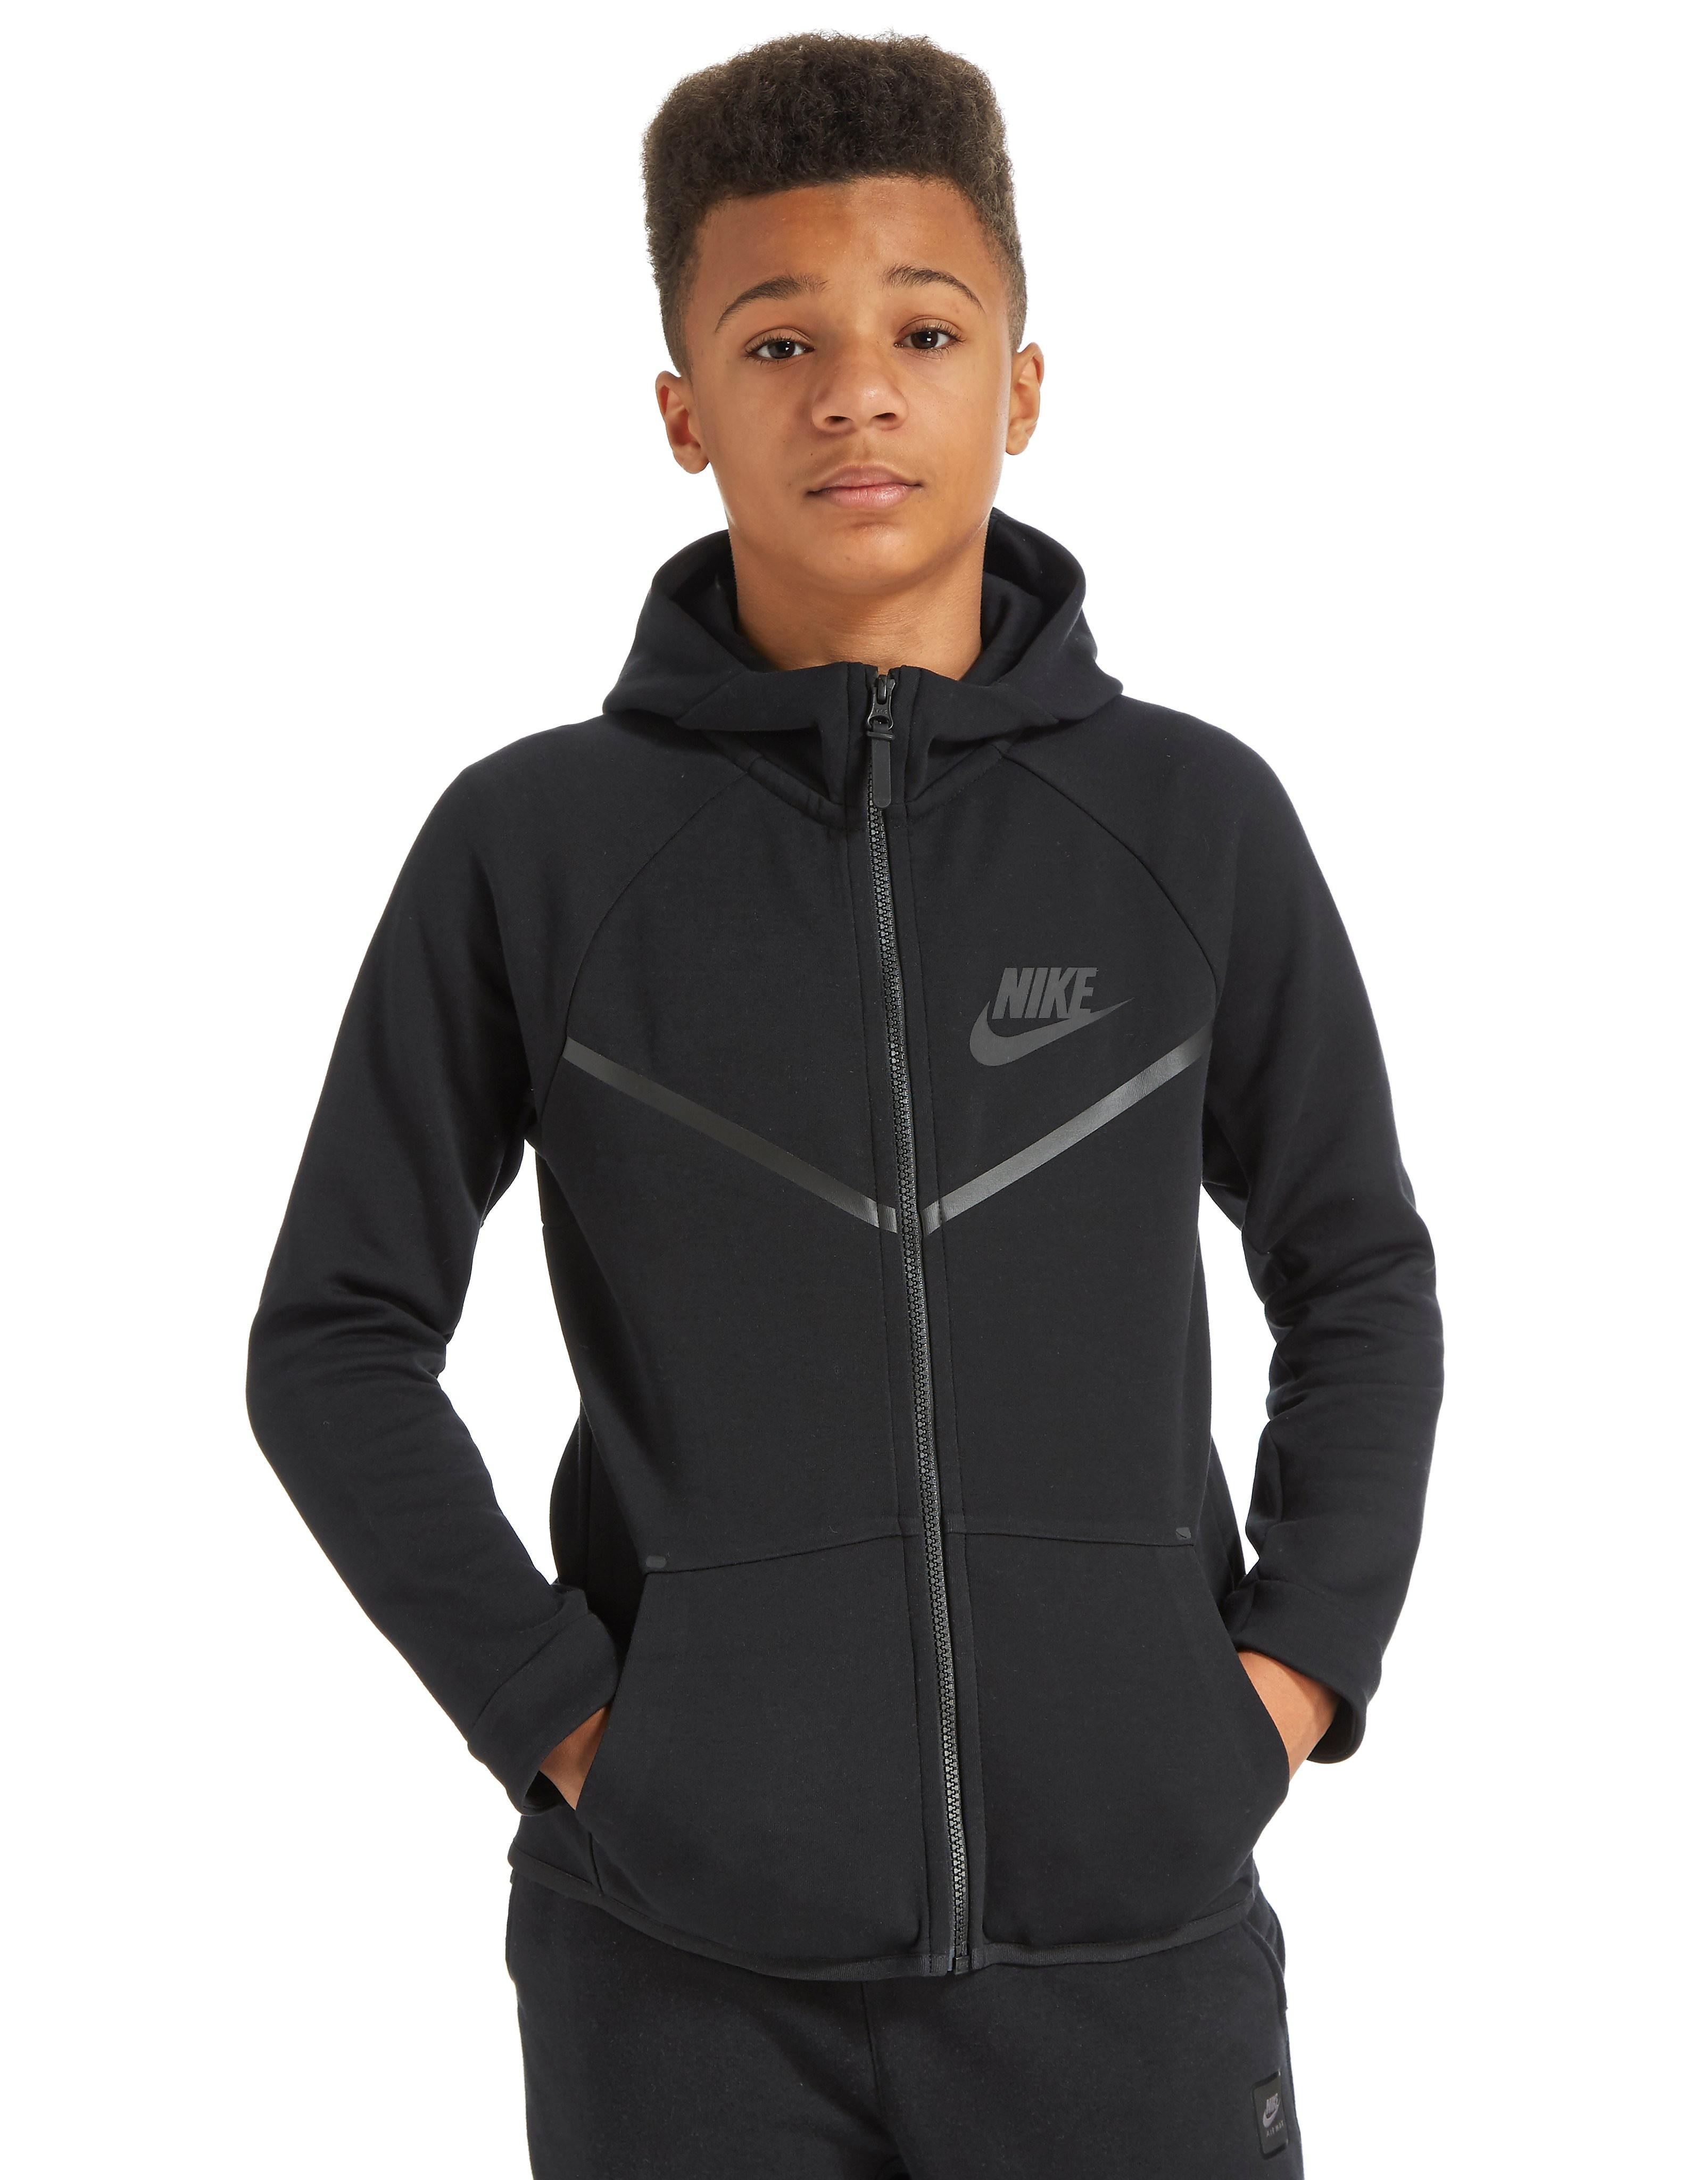 58ecb083b62 Nike Tech Windrunner Hoody Junior - Black - Kids - Sports King Store